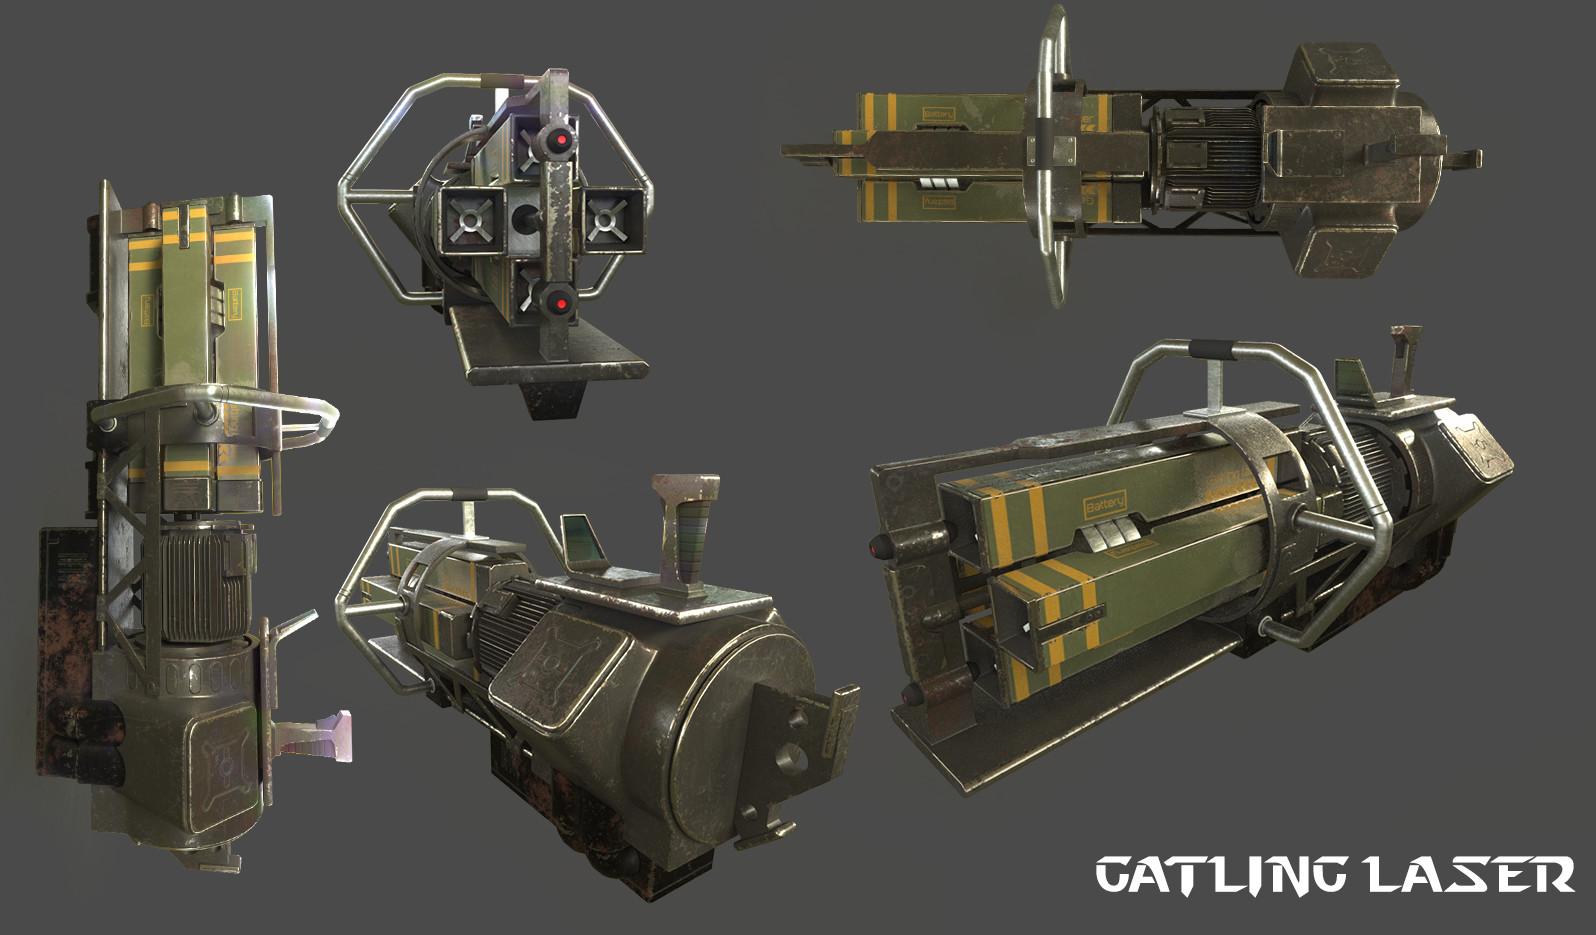 ArtStation - Gatling laser, Vinh LongThe